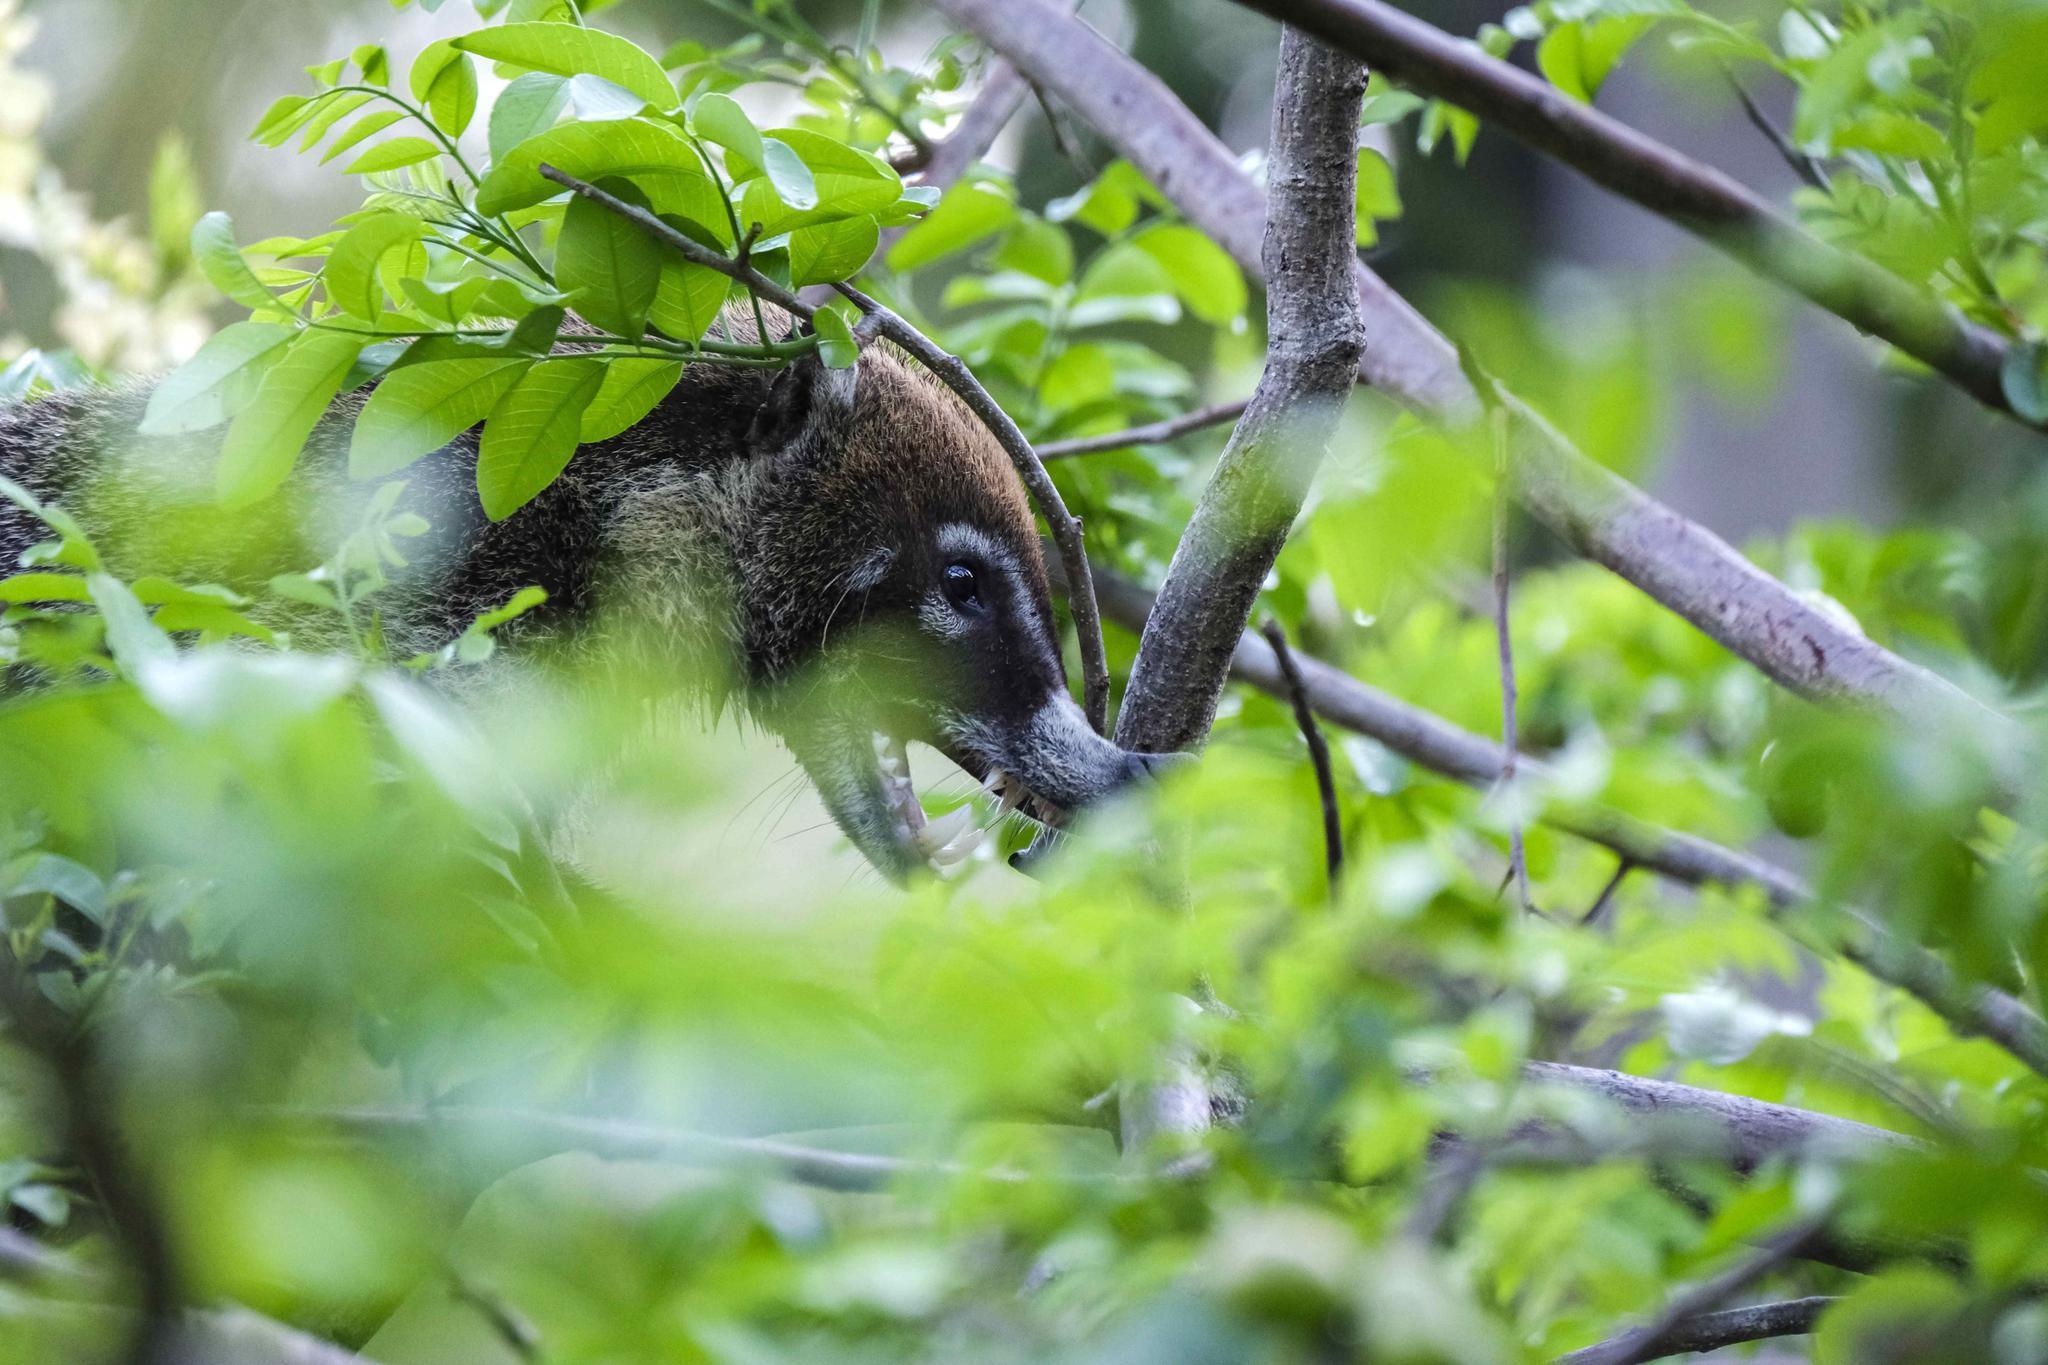 哥斯达黎加帕洛贝尔德国家公园